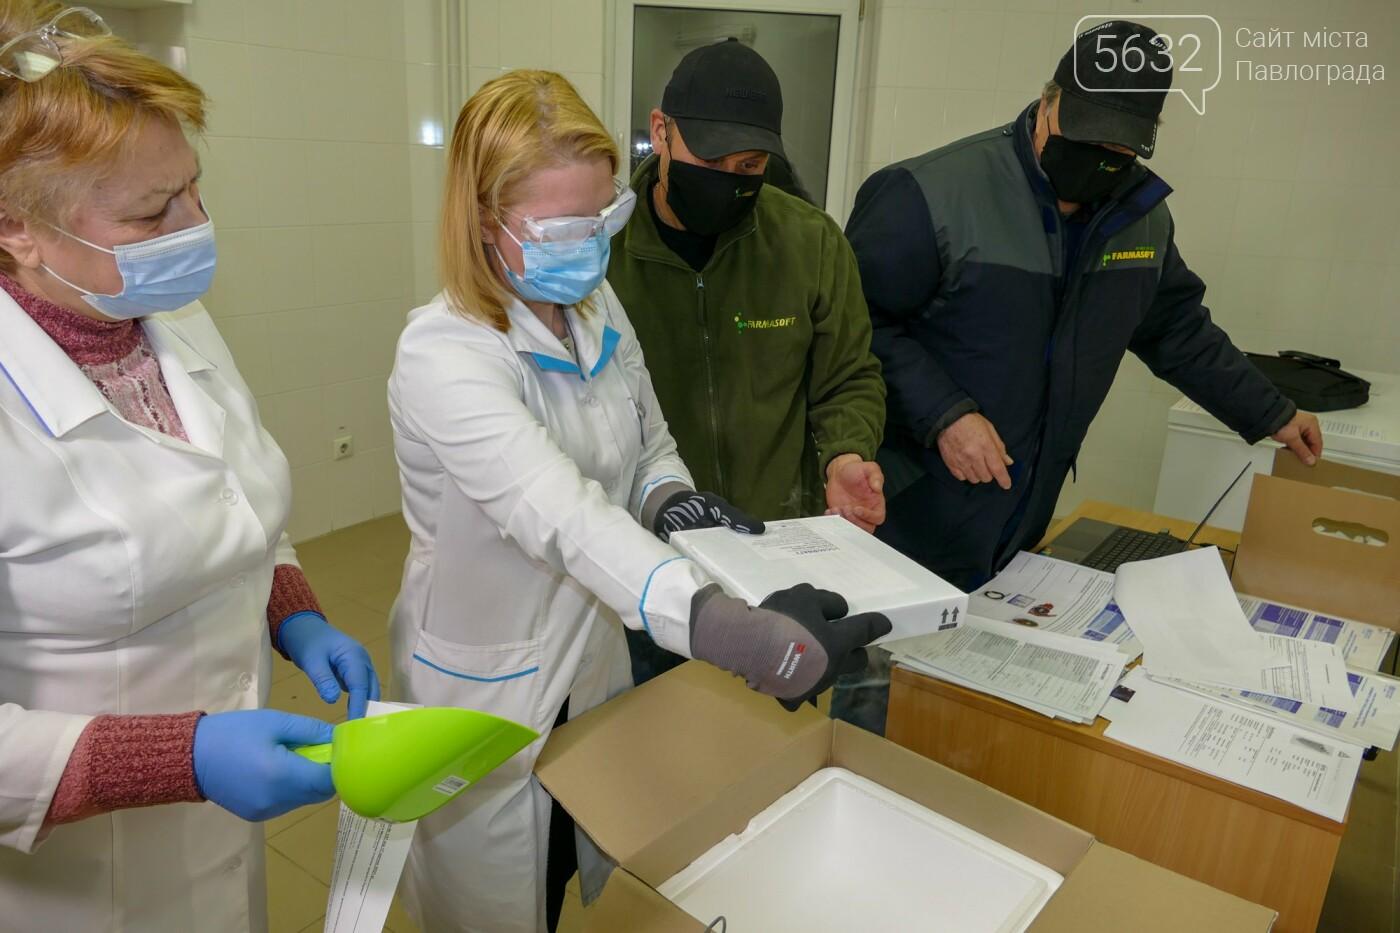 Днепропетровщина получила первые дозы вакцины от коронавируса производства Pfizer/BioNTech, фото-8